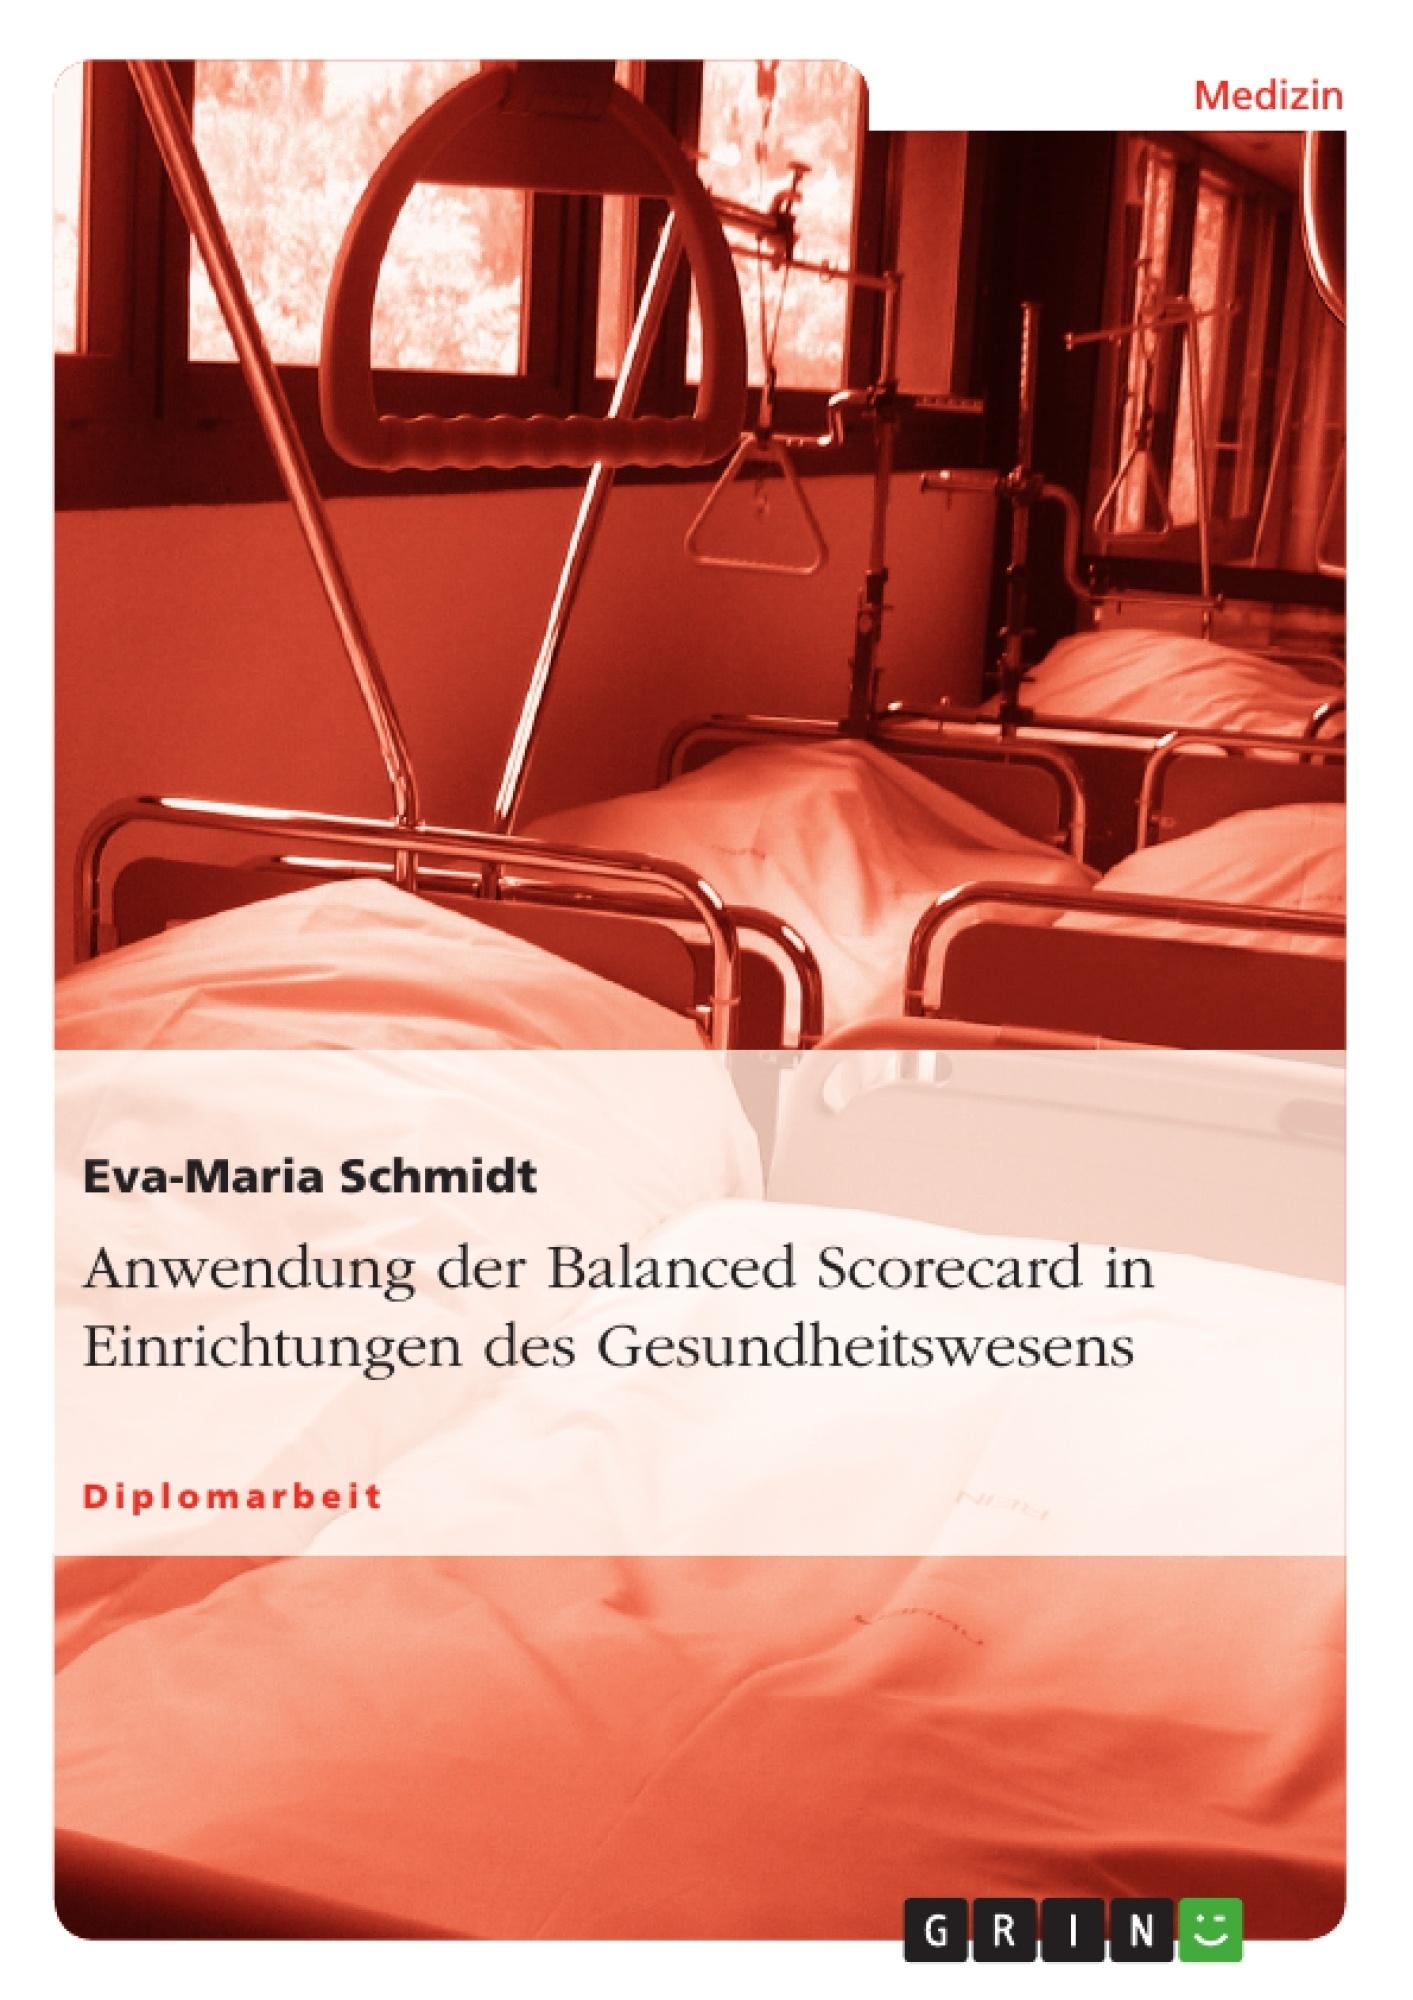 Titel: Anwendung der Balanced Scorecard in Einrichtungen des Gesundheitswesens